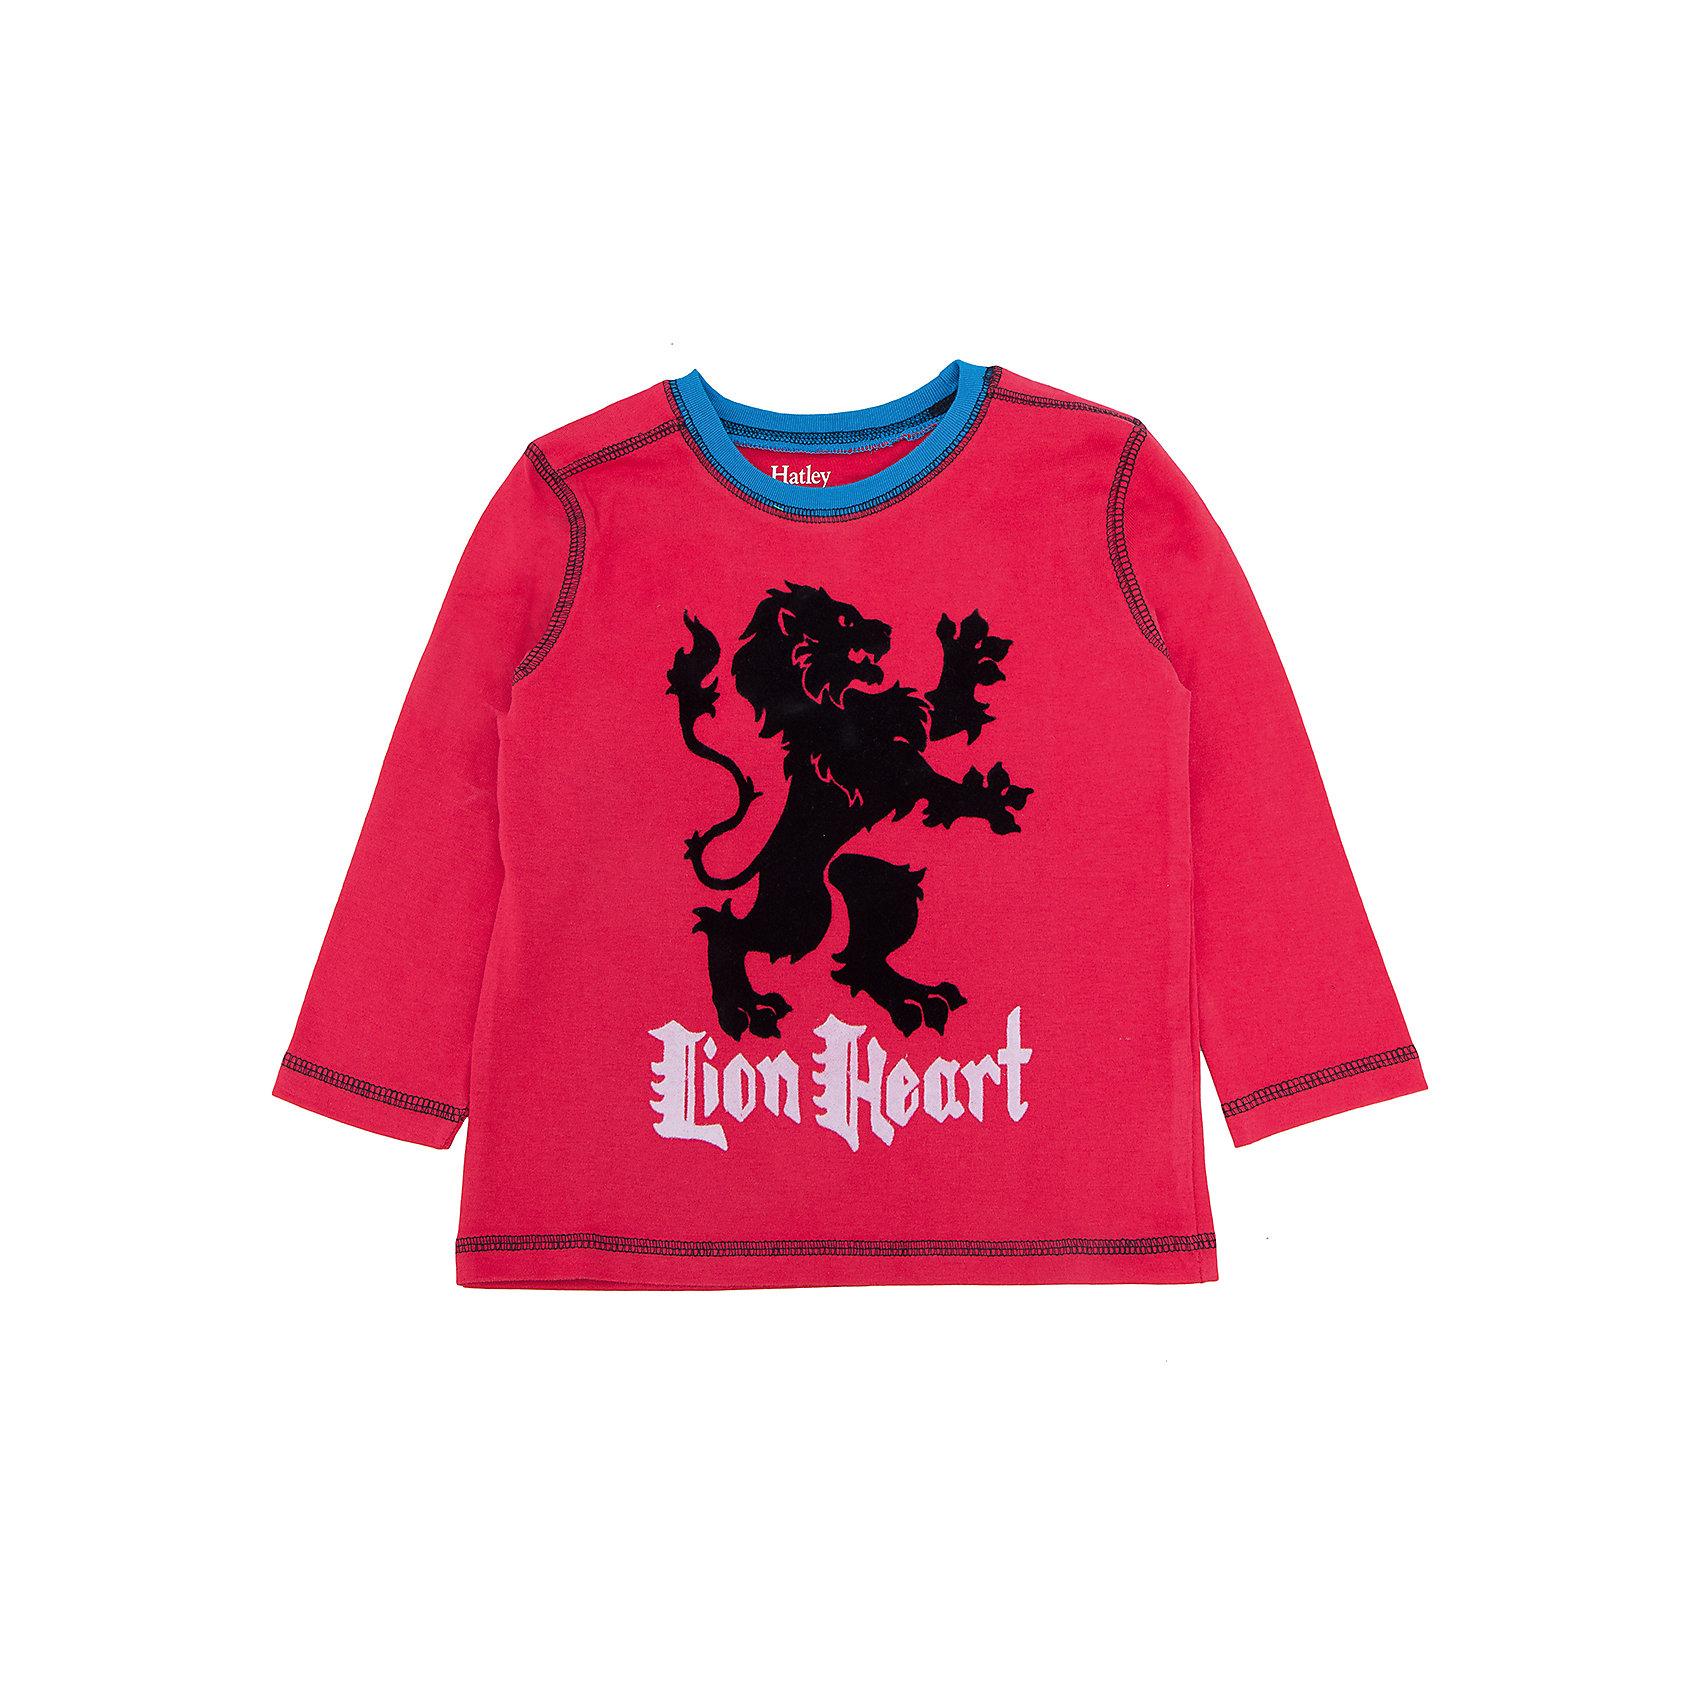 Футболка с длинным рукавом для мальчика HatleyФутболки с длинным рукавом<br>Футболка с длинным рукавом для мальчика Hatley<br><br>Характеристики:<br><br>• Состав: 100% хлопок<br>• Цвет: красный<br><br>Красивая и модная футболка с длинными рукавами идеально подойдет для летней прохладной погоды или для носки в помещении. Благодаря тому, что ткань натуральная и не вызывает аллергии, ребенок сможет бегать и прыгать, не боясь, что вспотеет и на коже будут раздражения. Яркий и забавный принт-аппликация со львом делает футболку еще и очень привлекательной. Контраст рукавов и кофты, прострочка воротника, рукавов и низа делает дизайн футболки неповторимым.<br><br>Футболку с длинным рукавом для мальчика Hatley можно купить в нашем интернет-магазине.<br><br>Ширина мм: 230<br>Глубина мм: 40<br>Высота мм: 220<br>Вес г: 250<br>Цвет: красный<br>Возраст от месяцев: 24<br>Возраст до месяцев: 36<br>Пол: Мужской<br>Возраст: Детский<br>Размер: 98,104,92,122,128,110,116<br>SKU: 5020663